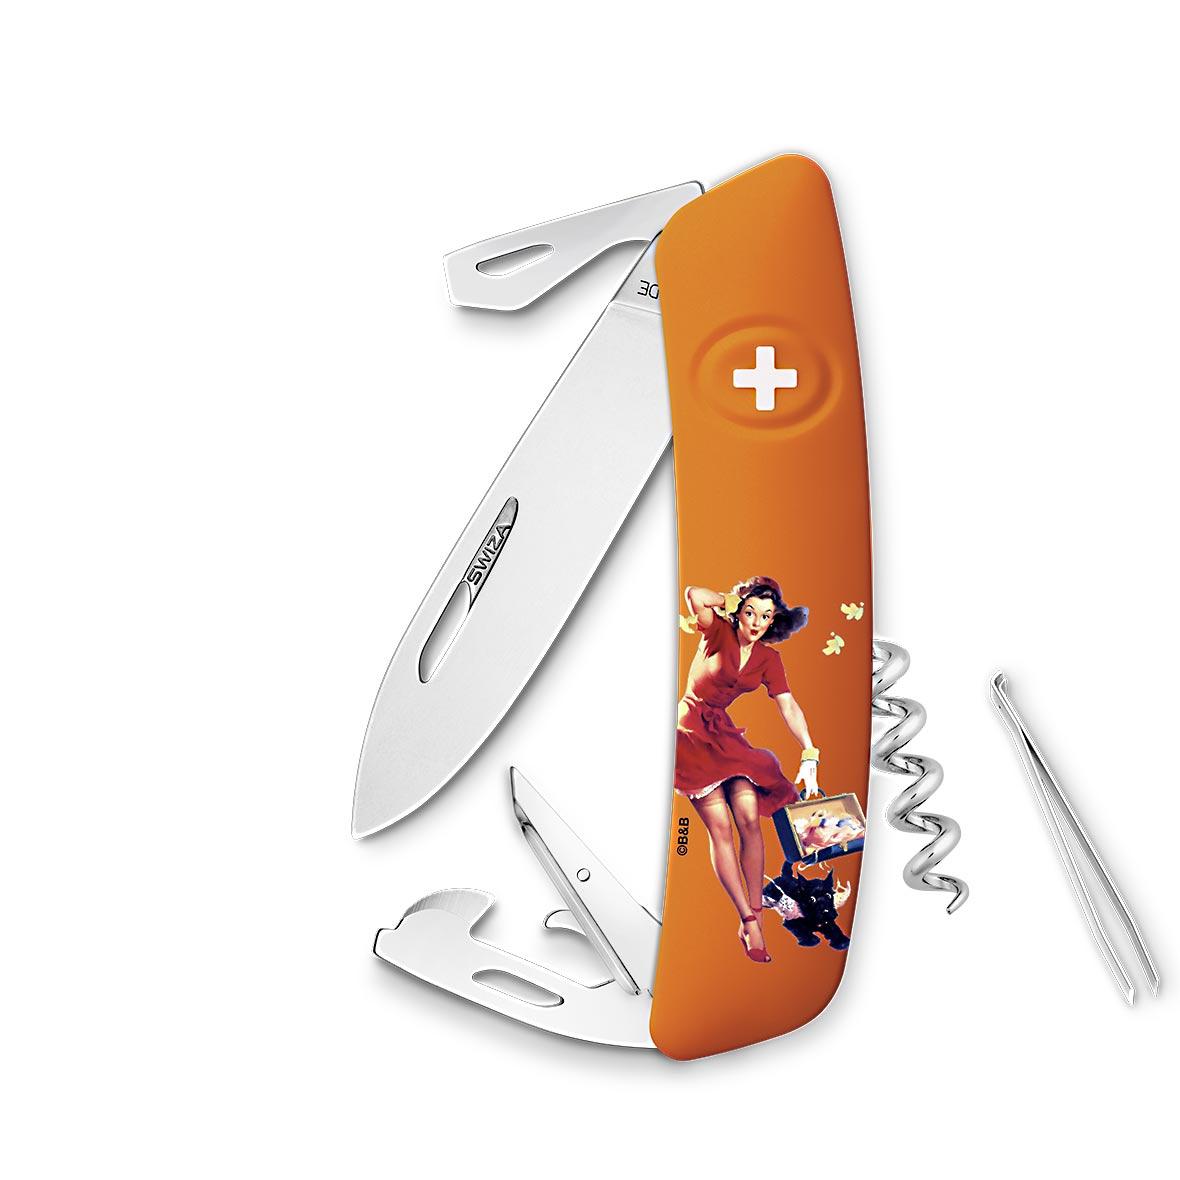 Taschenmesser Swiza D03 Limited Edition Autumn